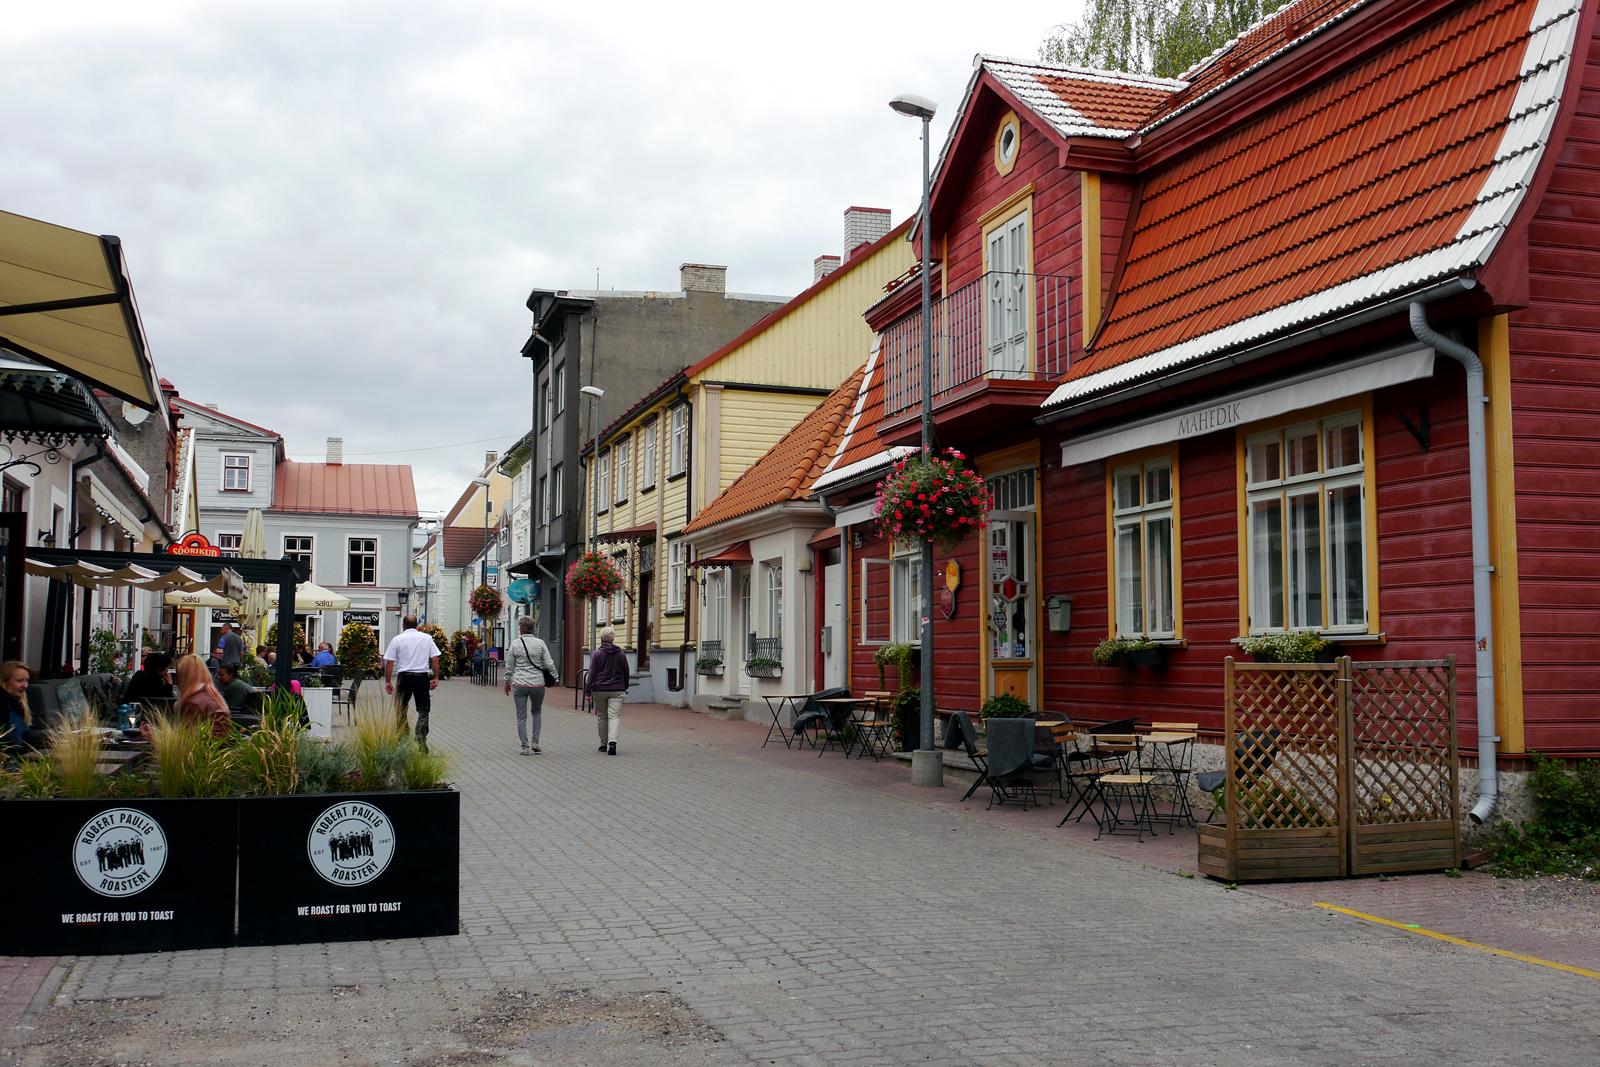 Pärnu-Estland-Estonia